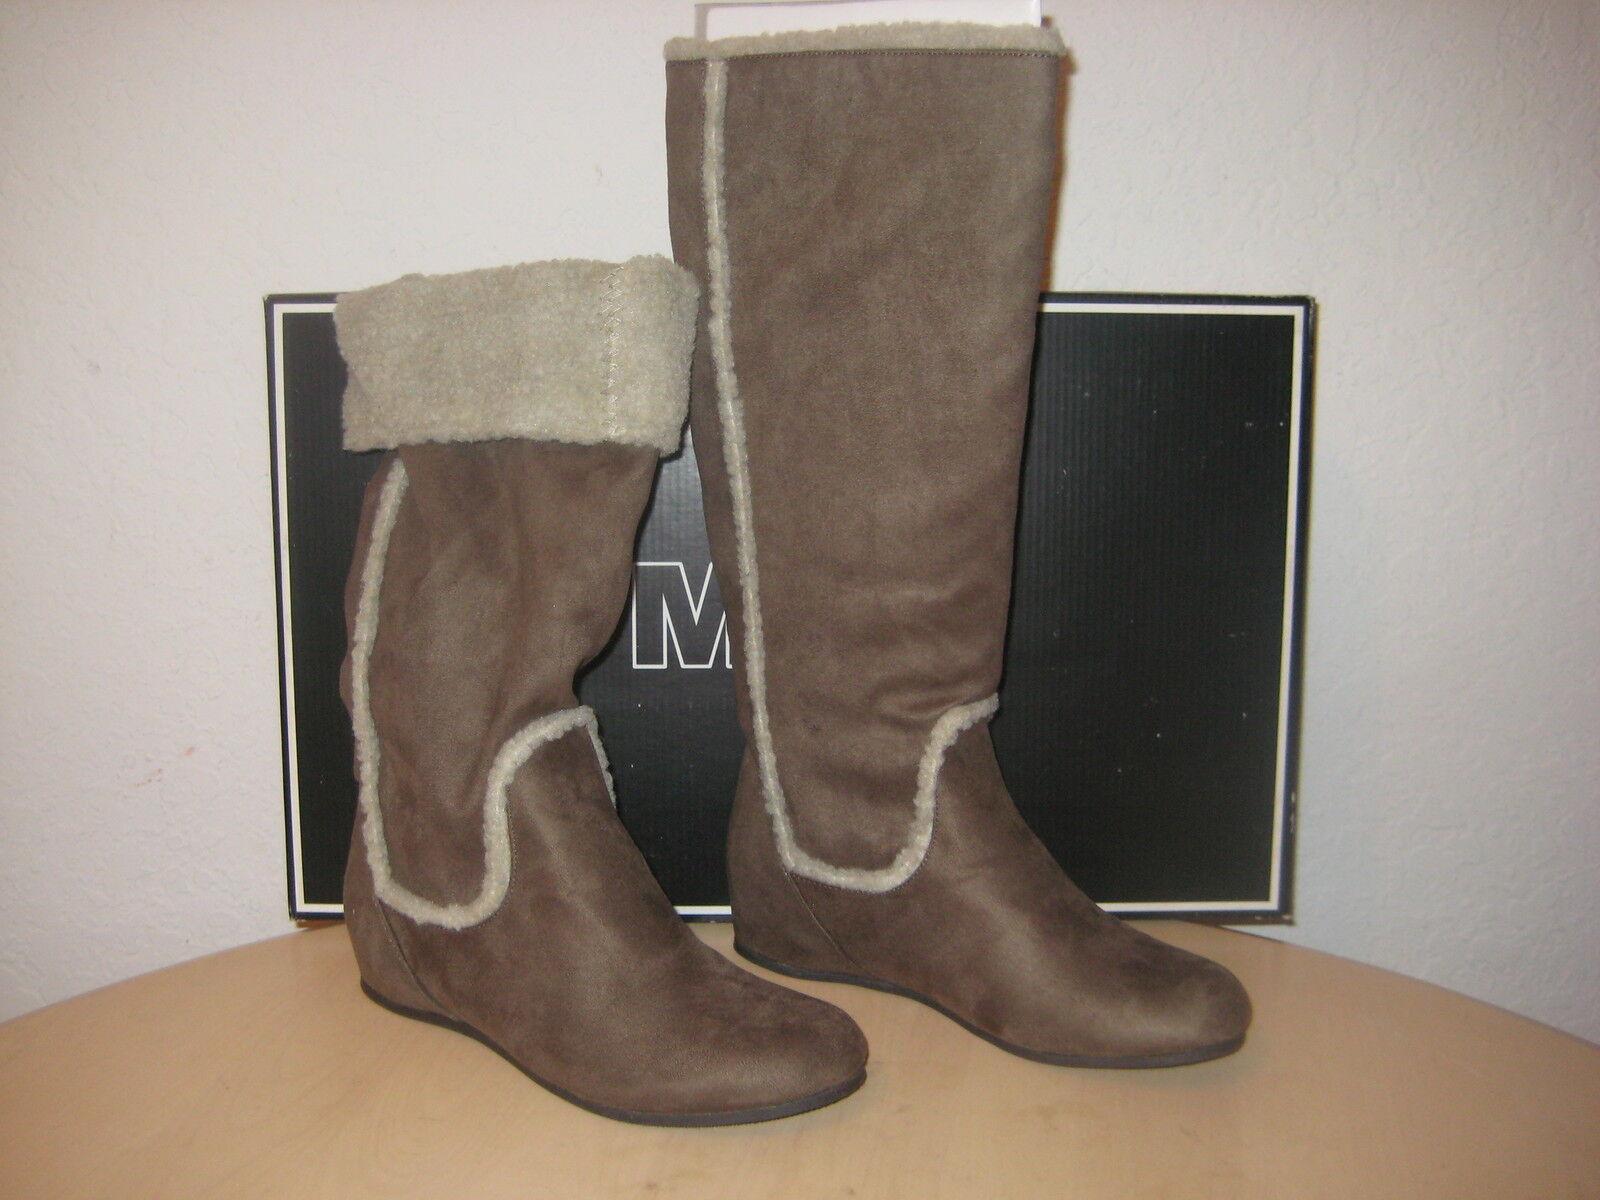 il miglior servizio post-vendita Mia scarpe Dimensione 6.5 M donna New Lynn C19827 C19827 C19827 Taupe Knee High Fashion Winter stivali  profitto zero